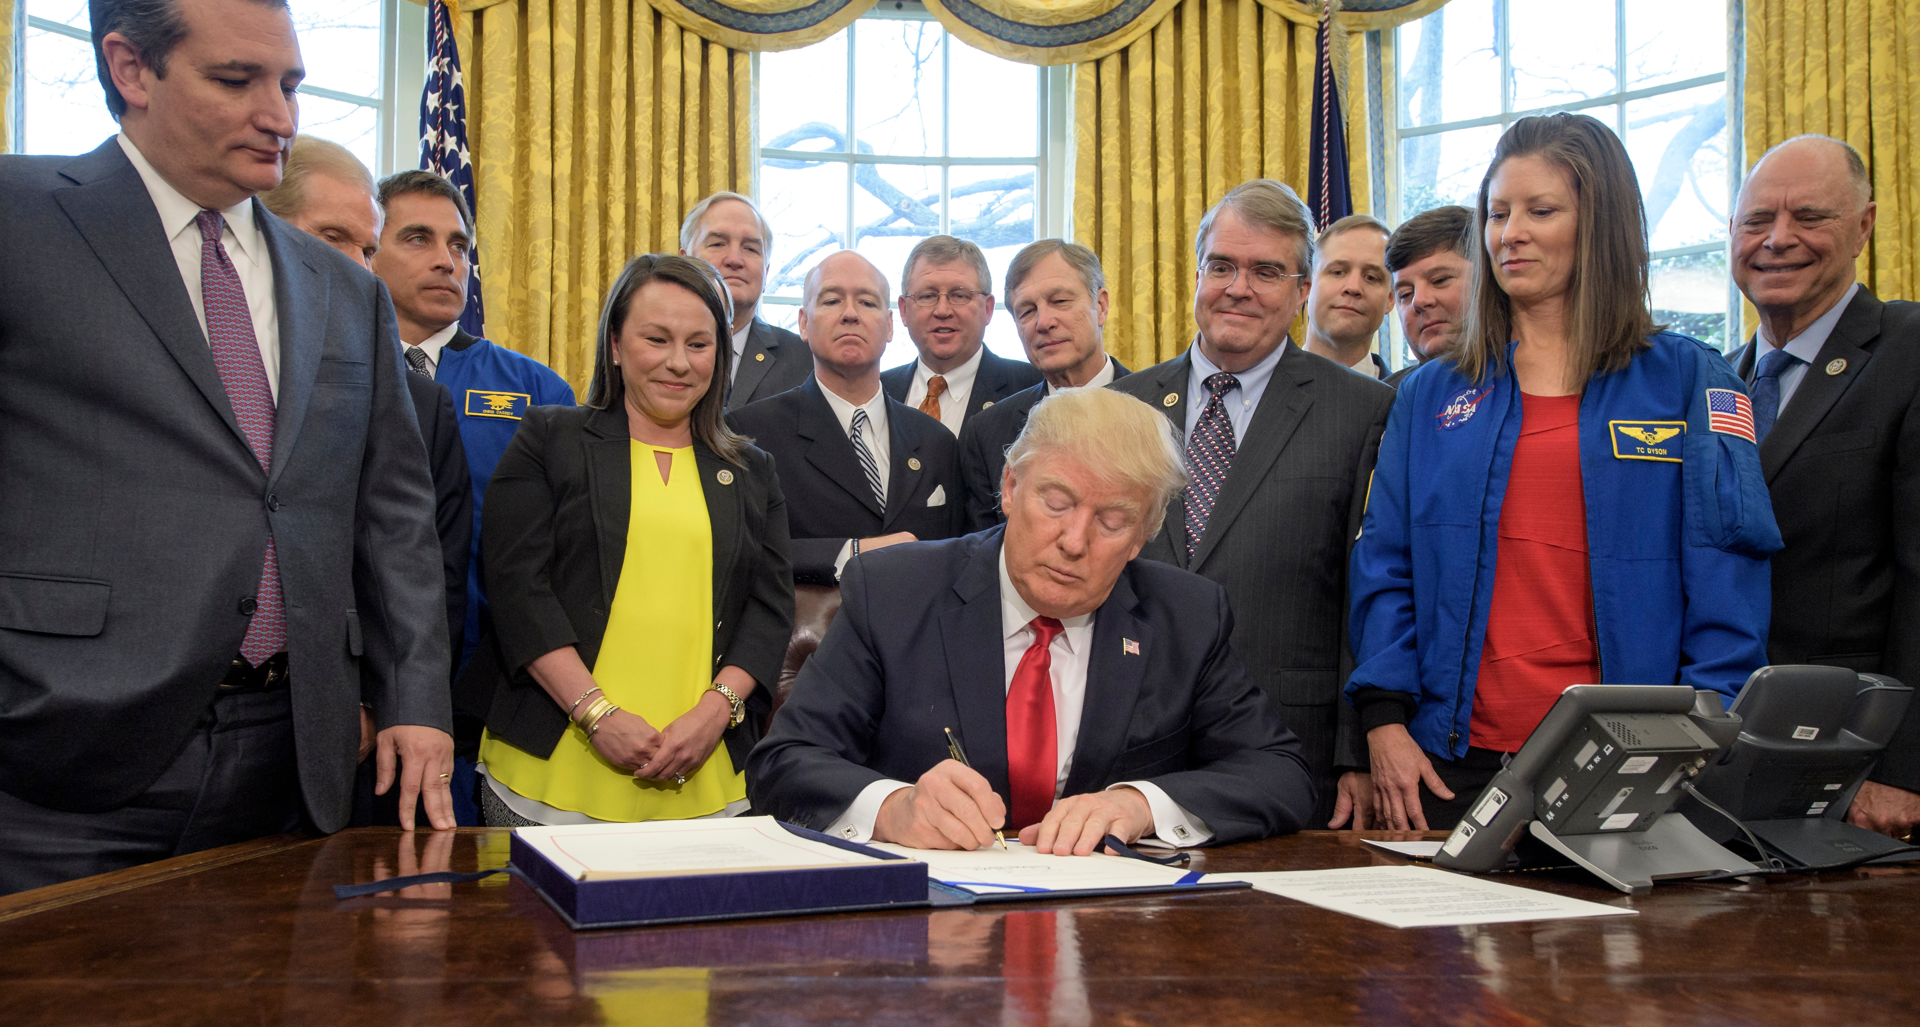 Trump signing bill.jpg